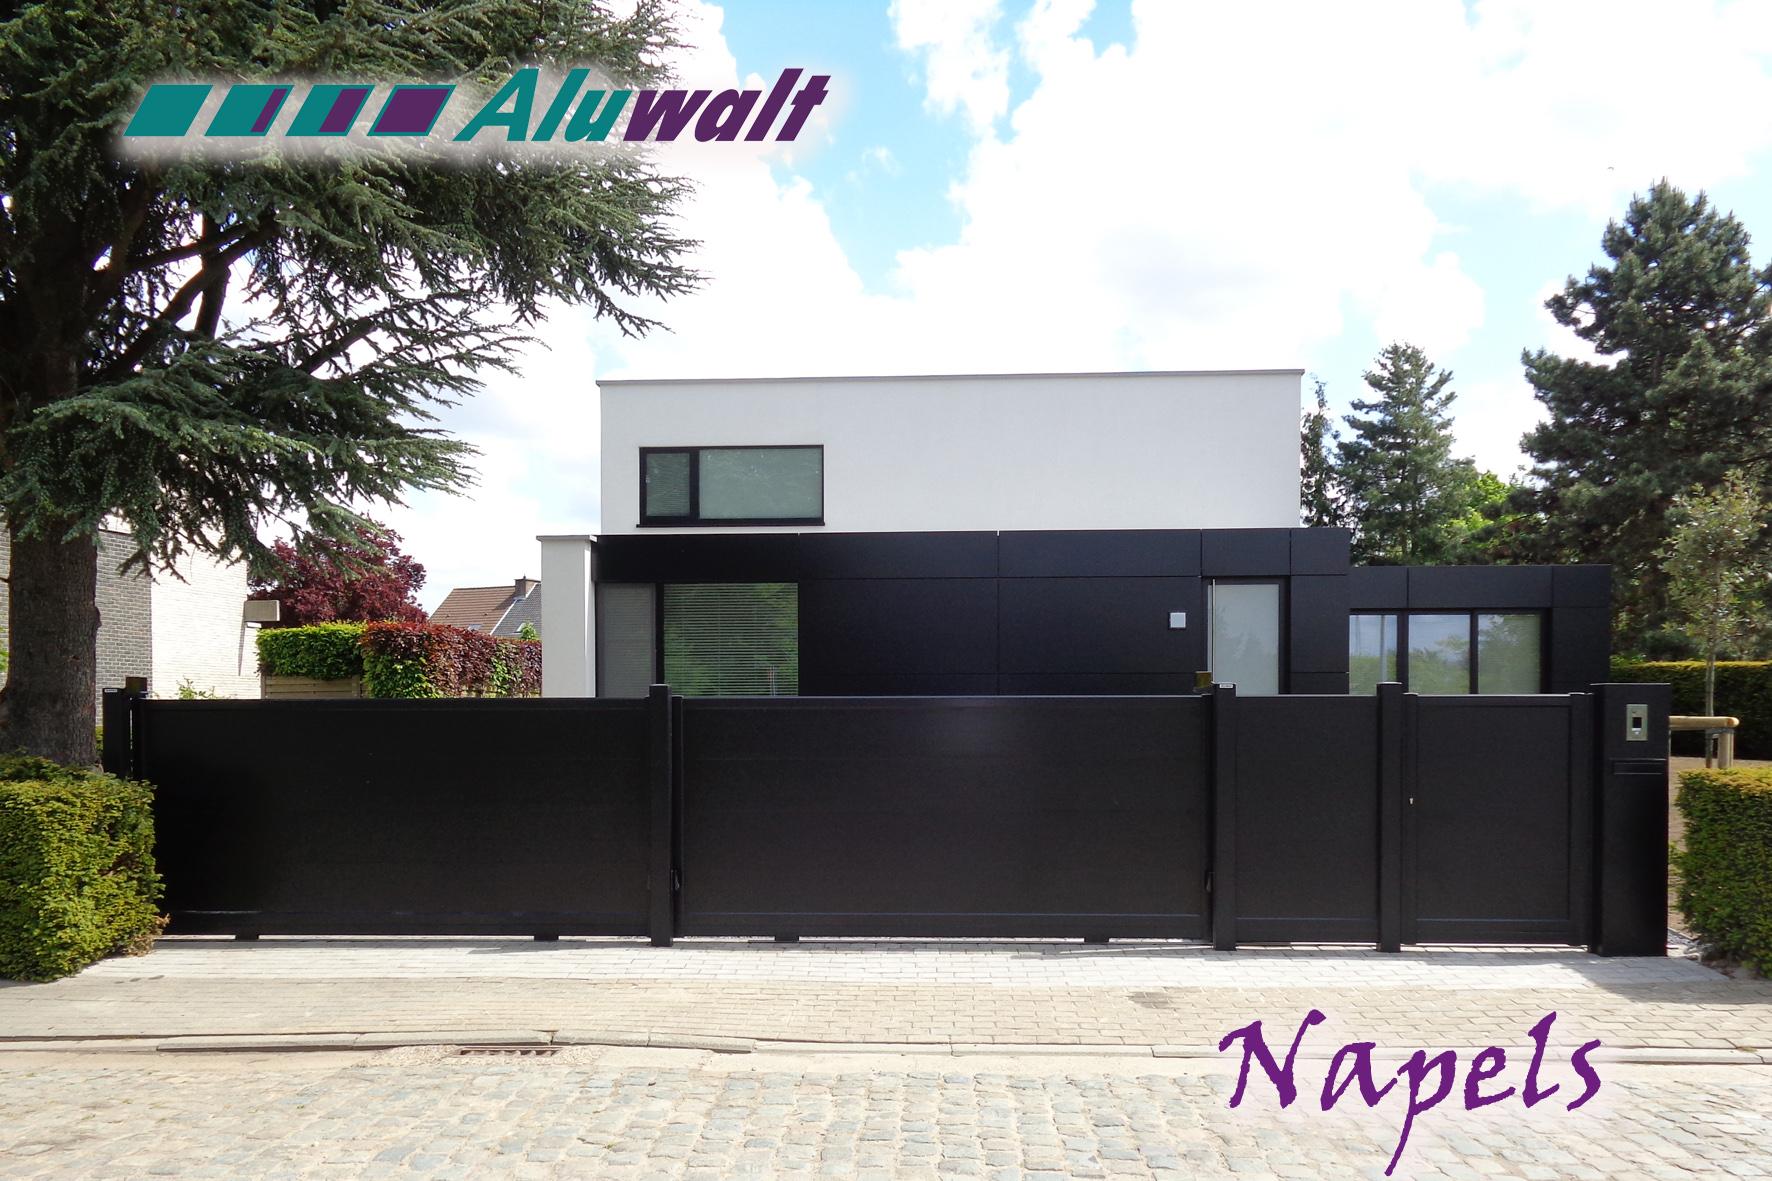 Napels5